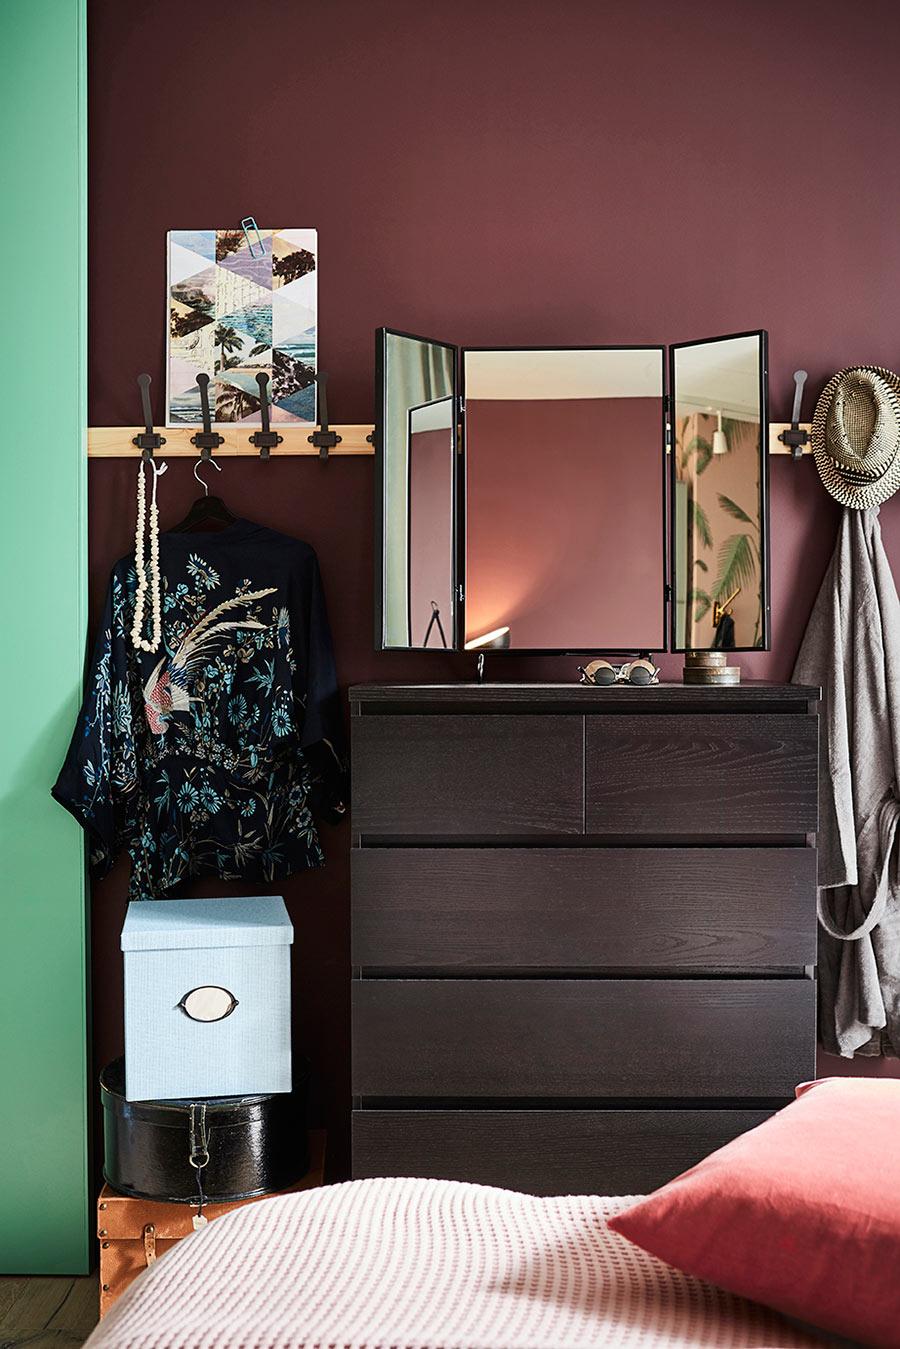 catalogo ikea 2020 dormitorio con tocador madera y perchero